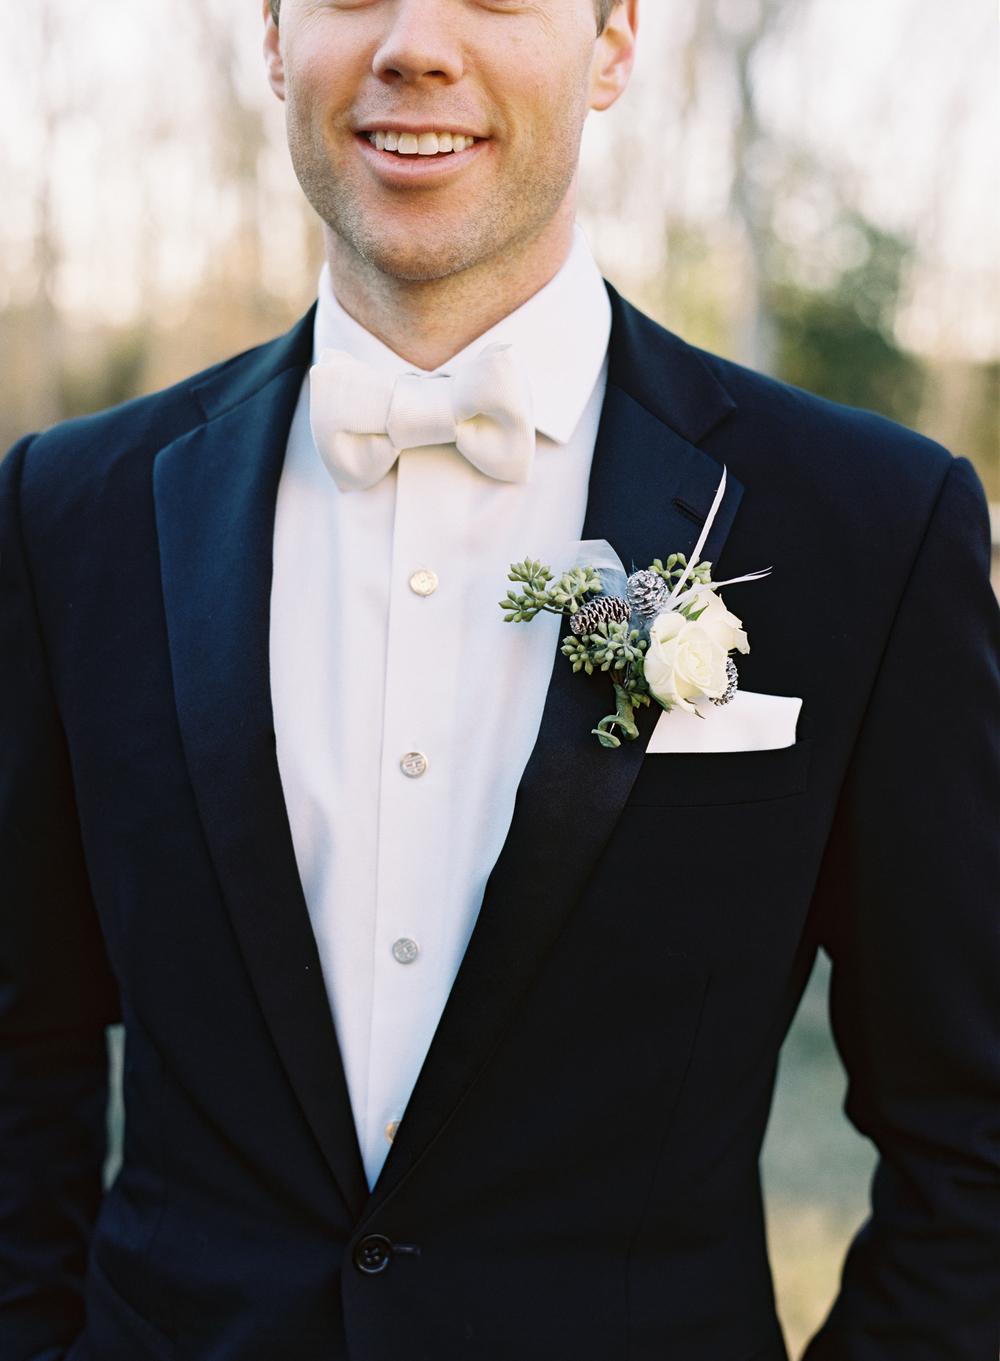 Squires-Saunders_Wedding-3090.jpg